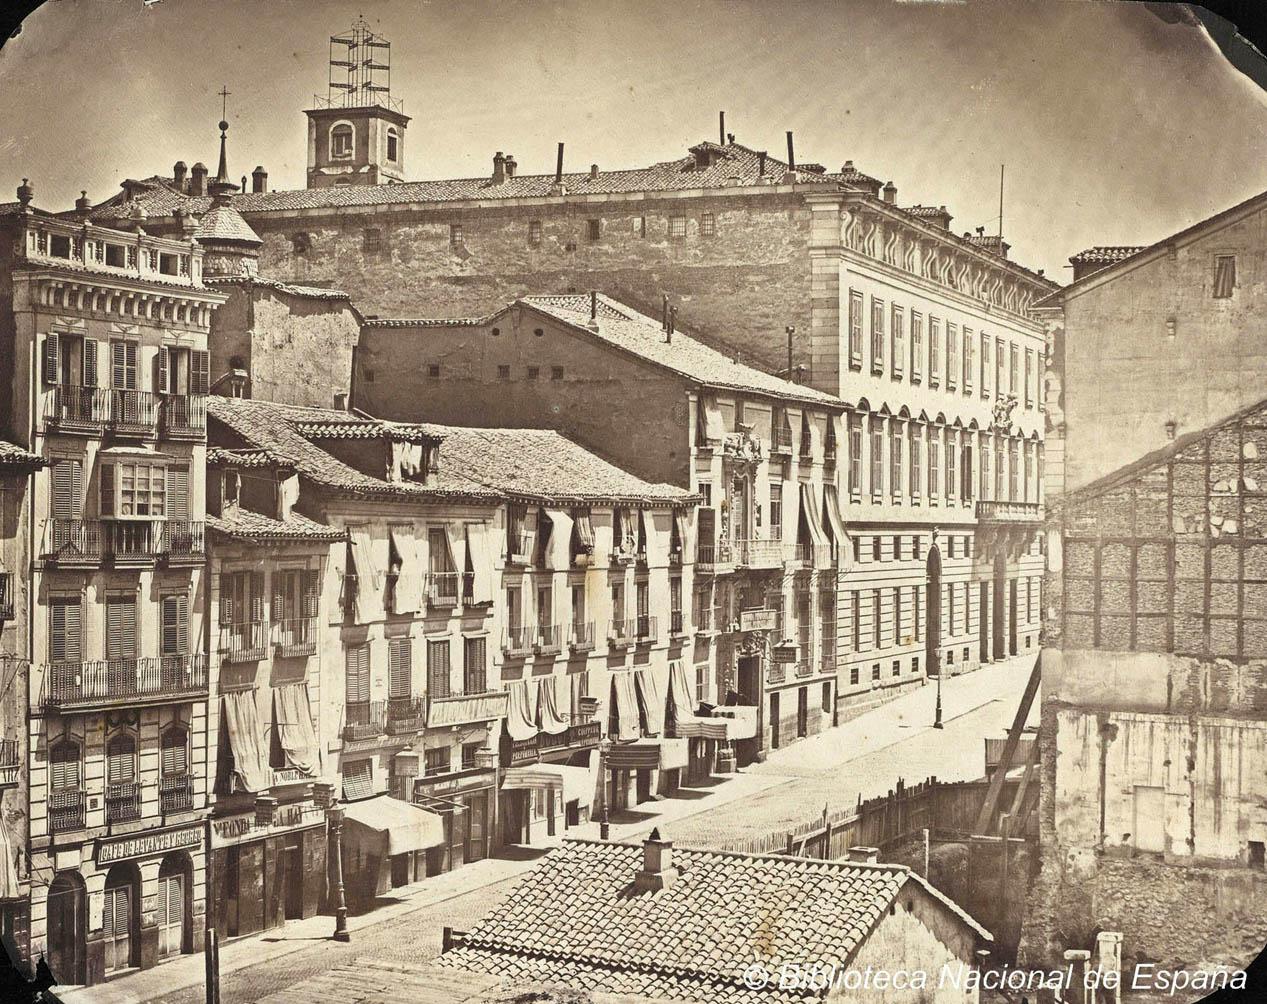 fotos-antiguas-de-madrid:-la-calle-de-alcala-en-1856